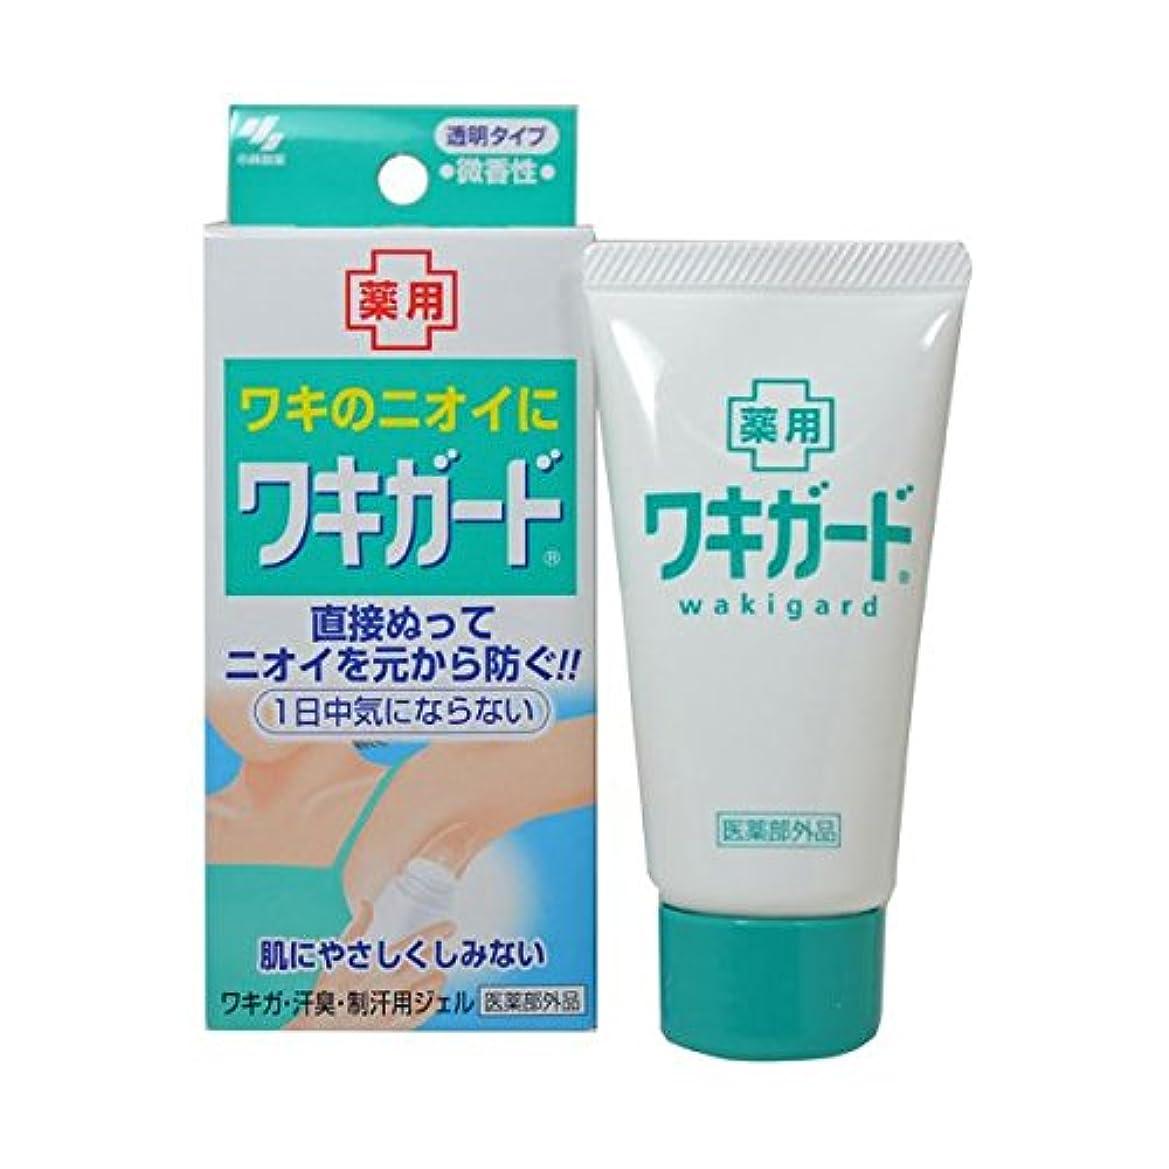 回路グリースエーカー【お徳用 3 セット】 小林製薬 ワキガード 50g×3セット